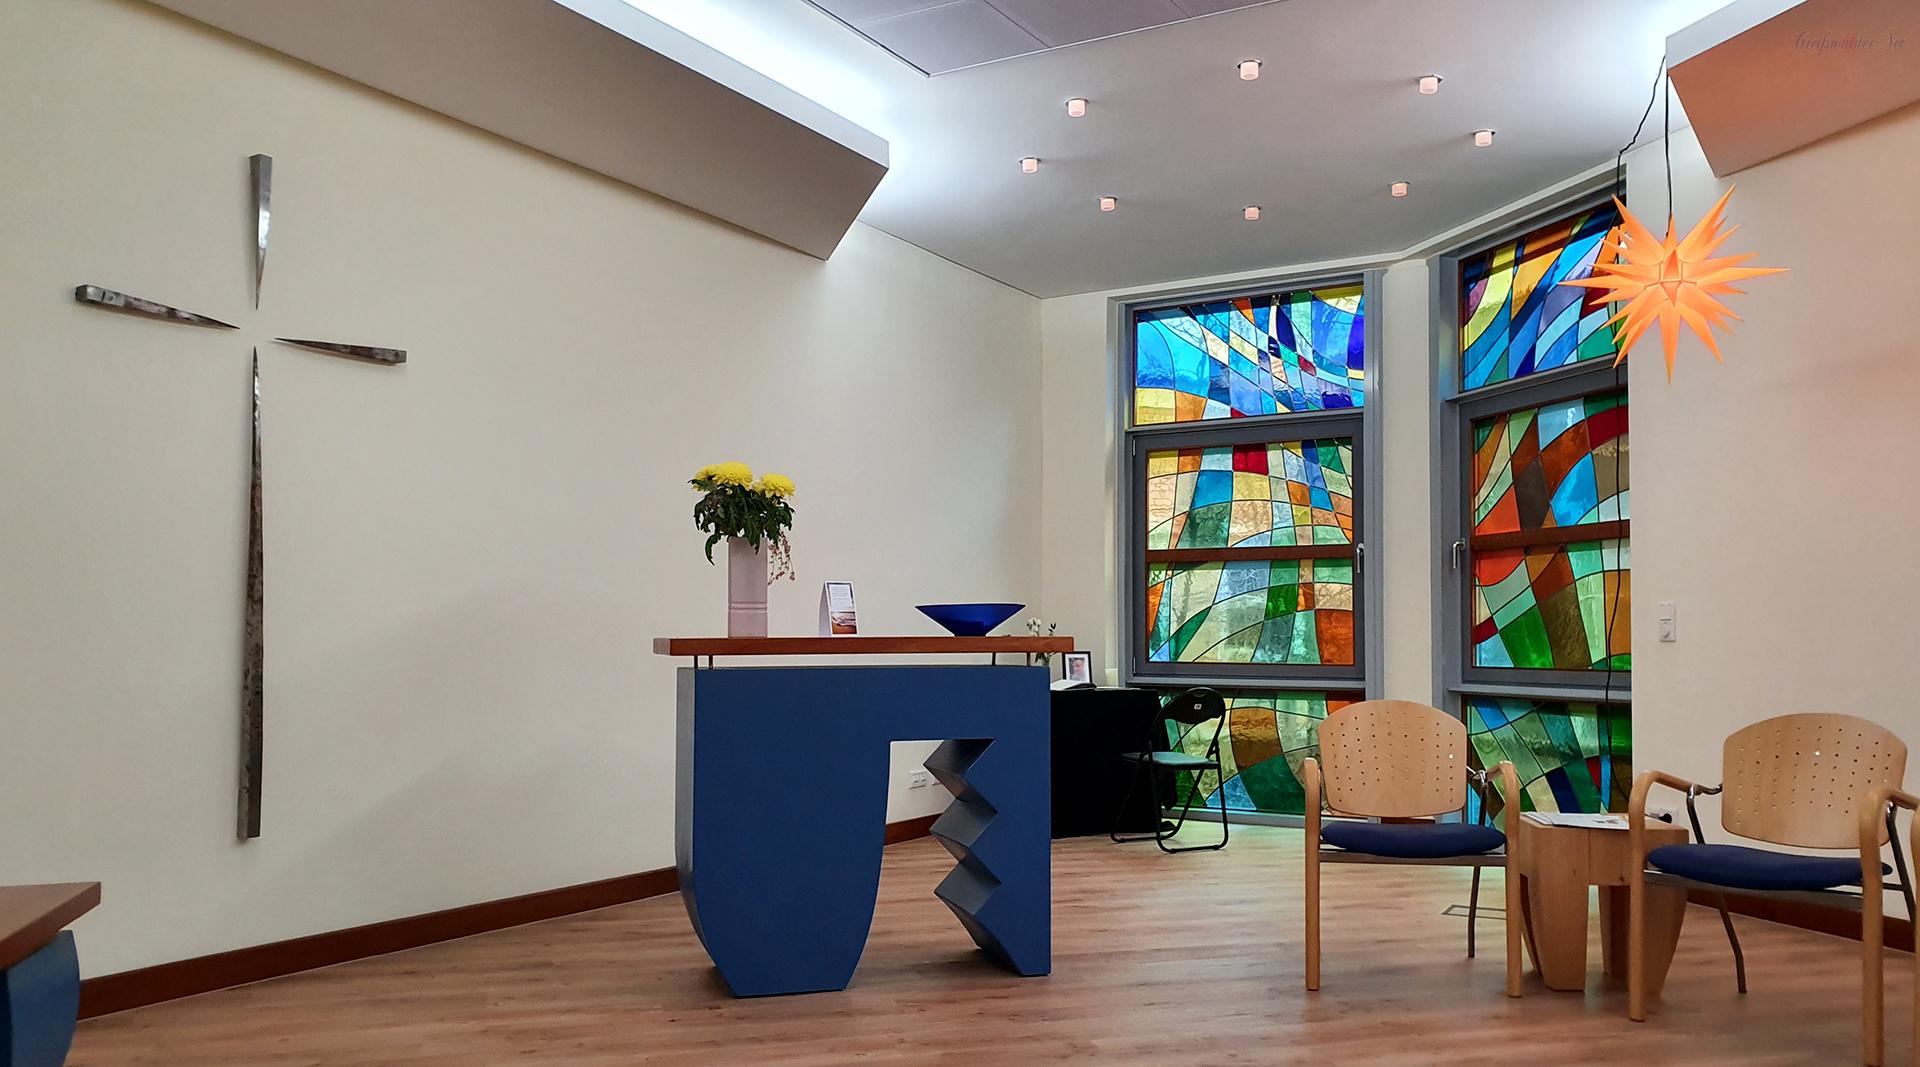 Raum der Stille in der Universitätsmedizin Greifswald